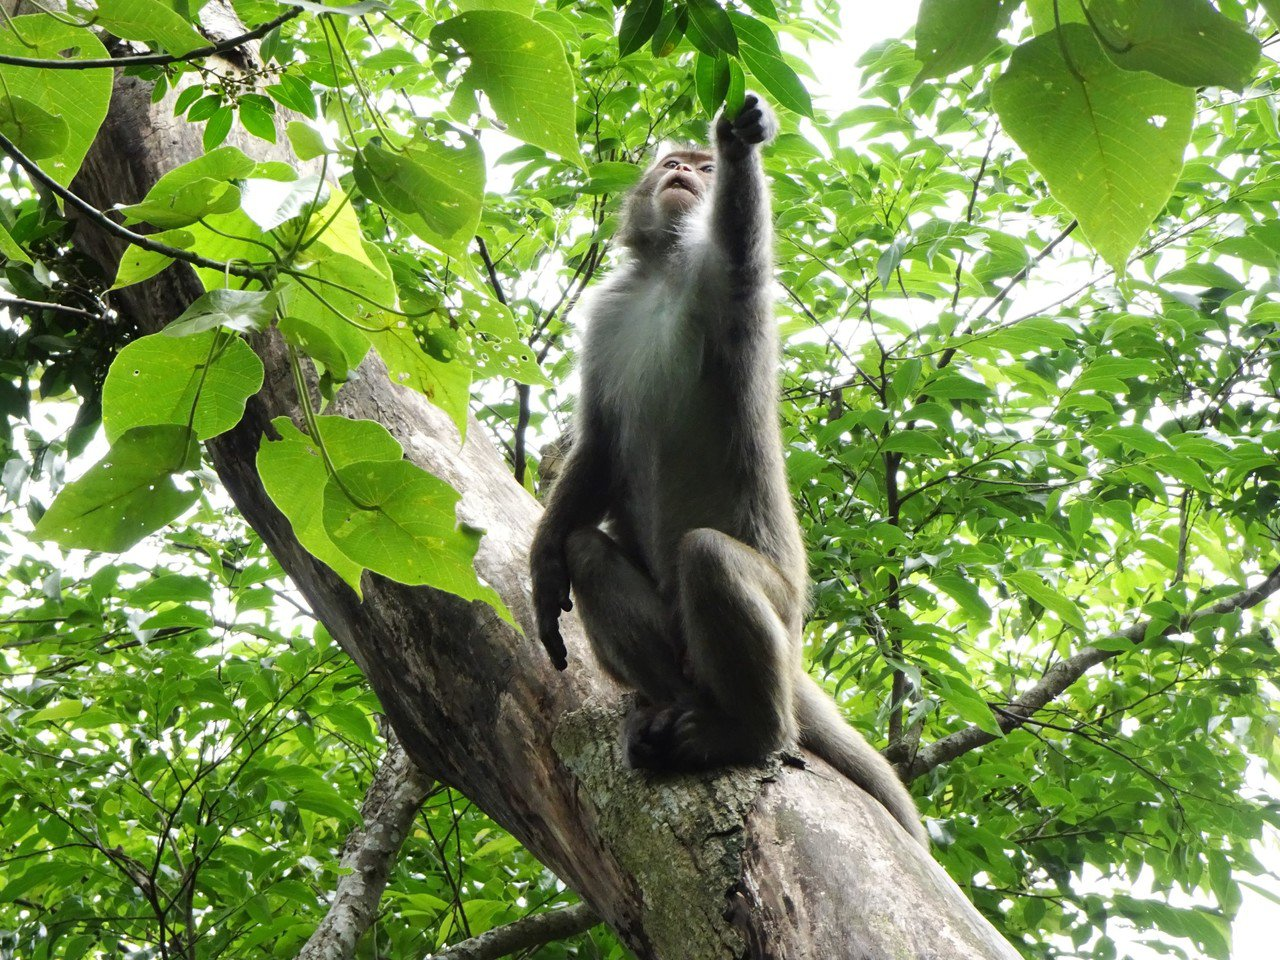 太平山國家森林遊樂區的道路、太平山莊廣場及中央階梯都可以看到台灣獼猴。林務局羅東...